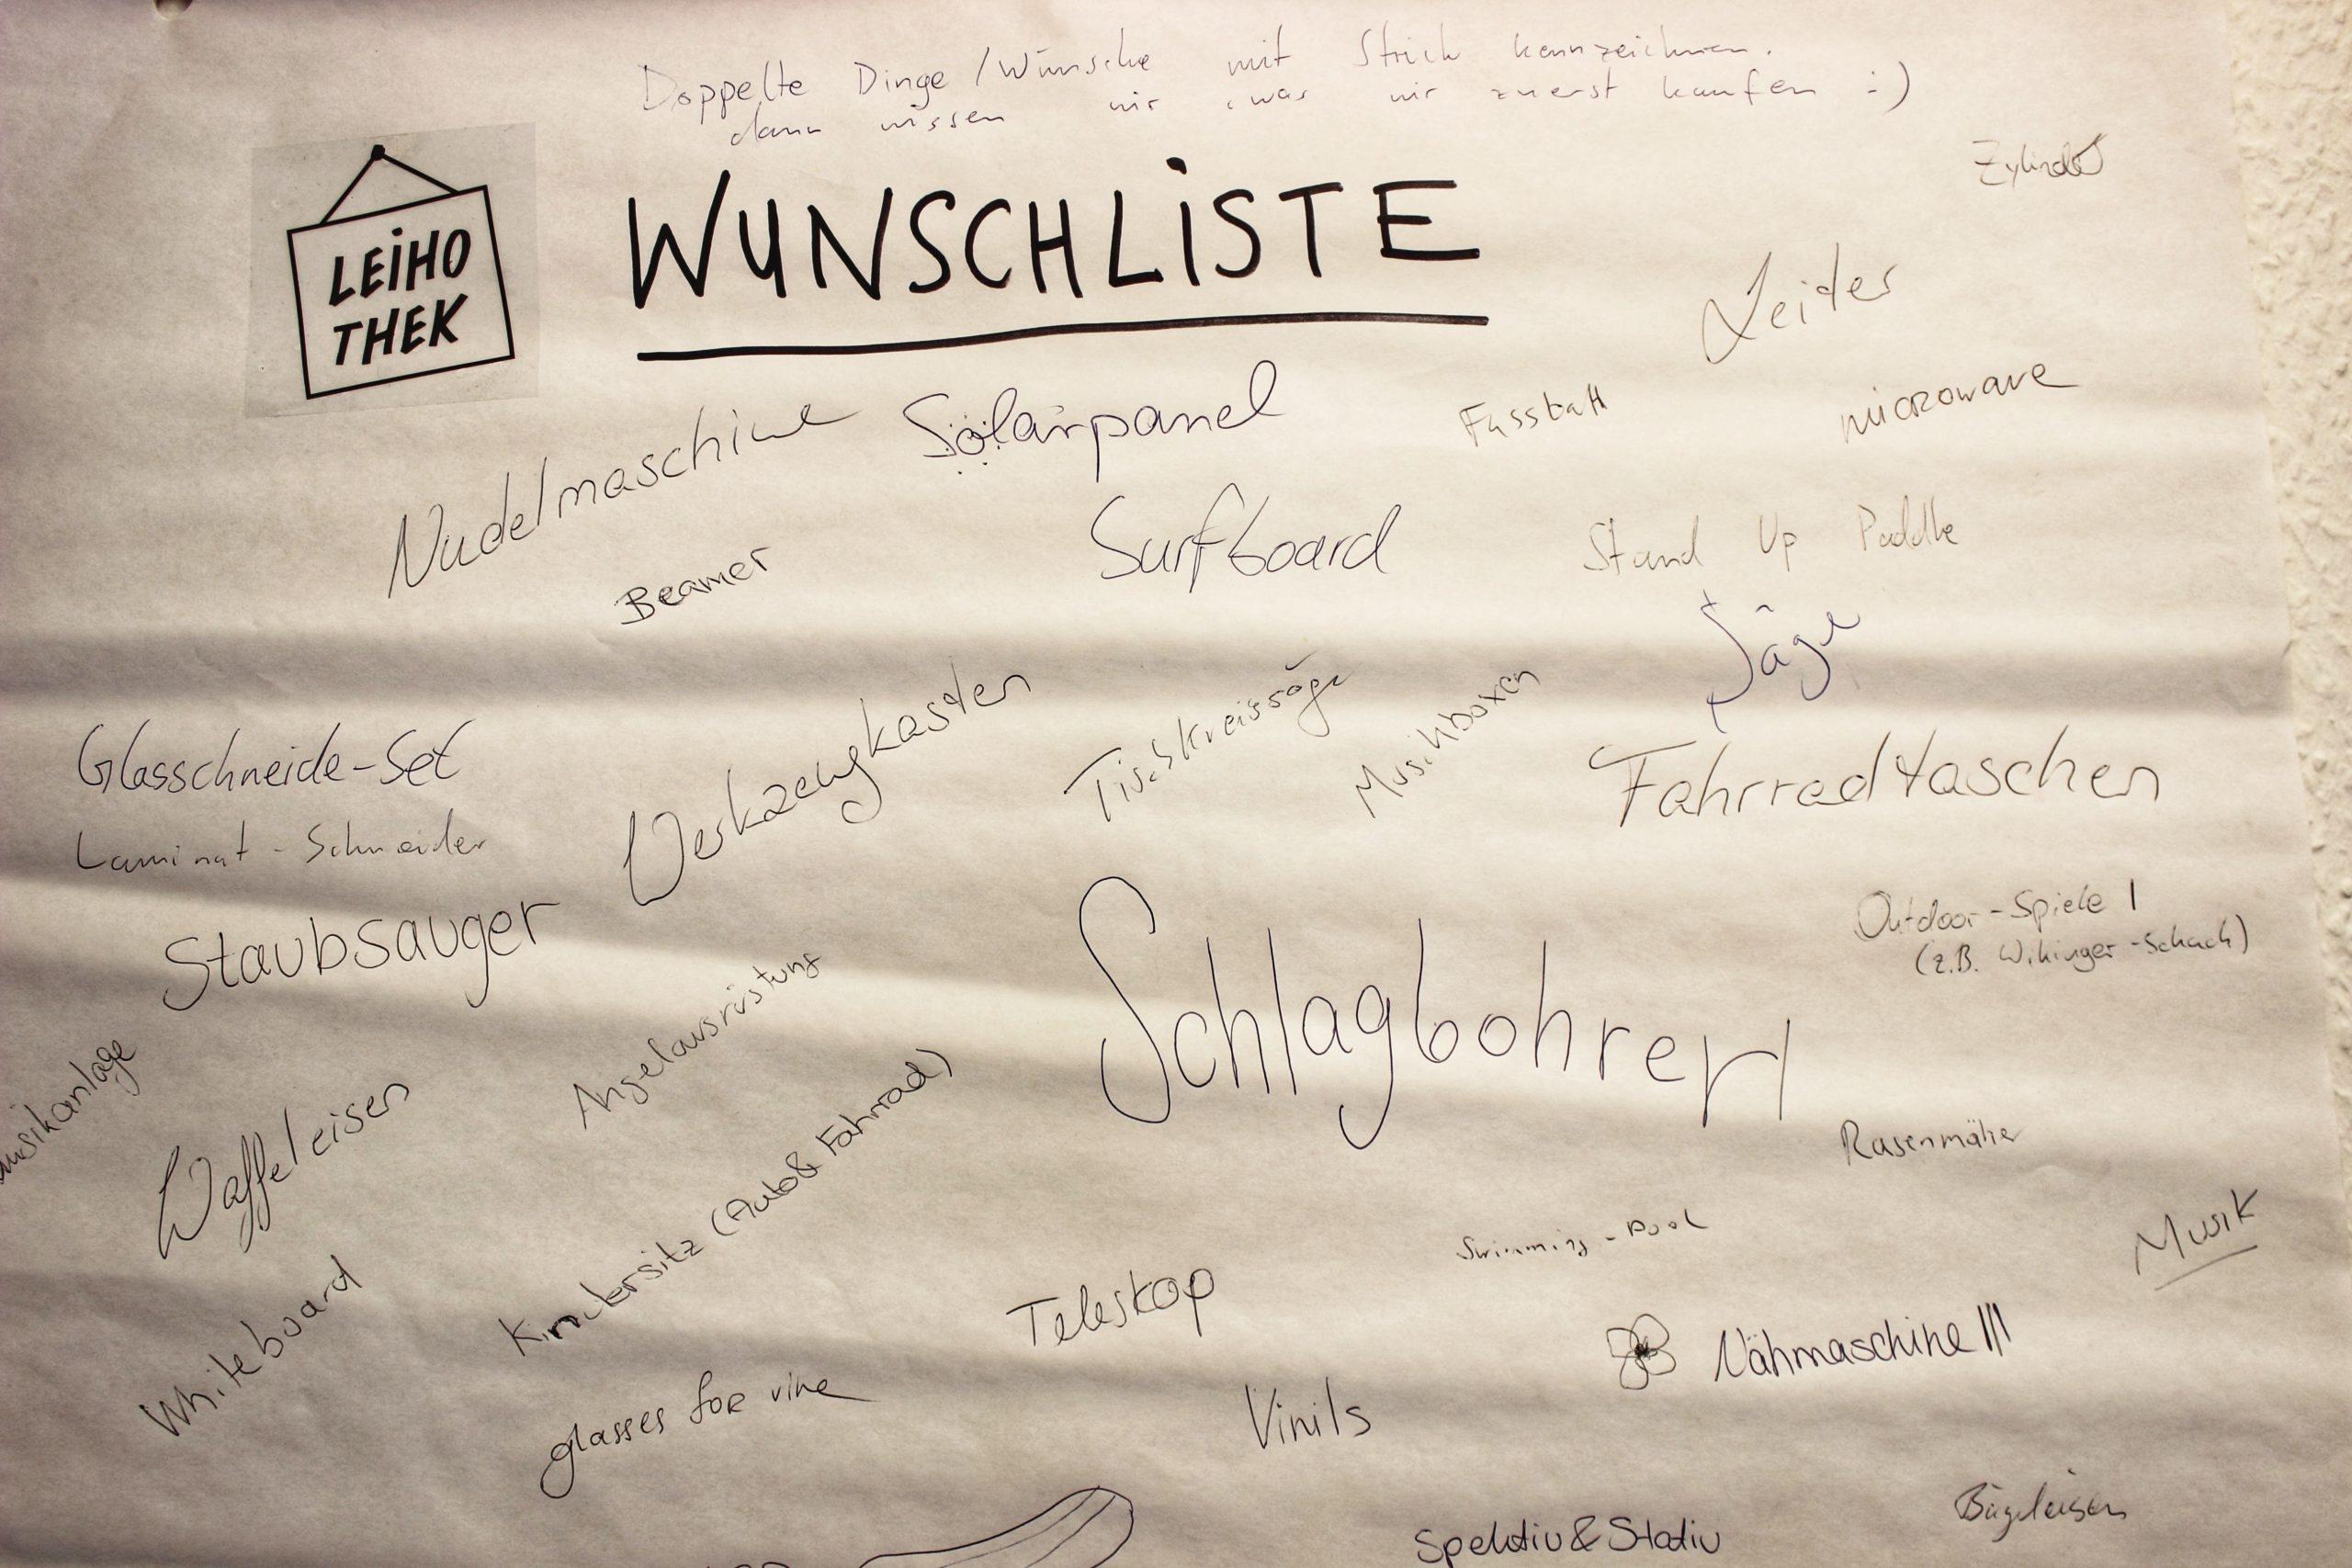 Leihothek Münster Wunschliste-01